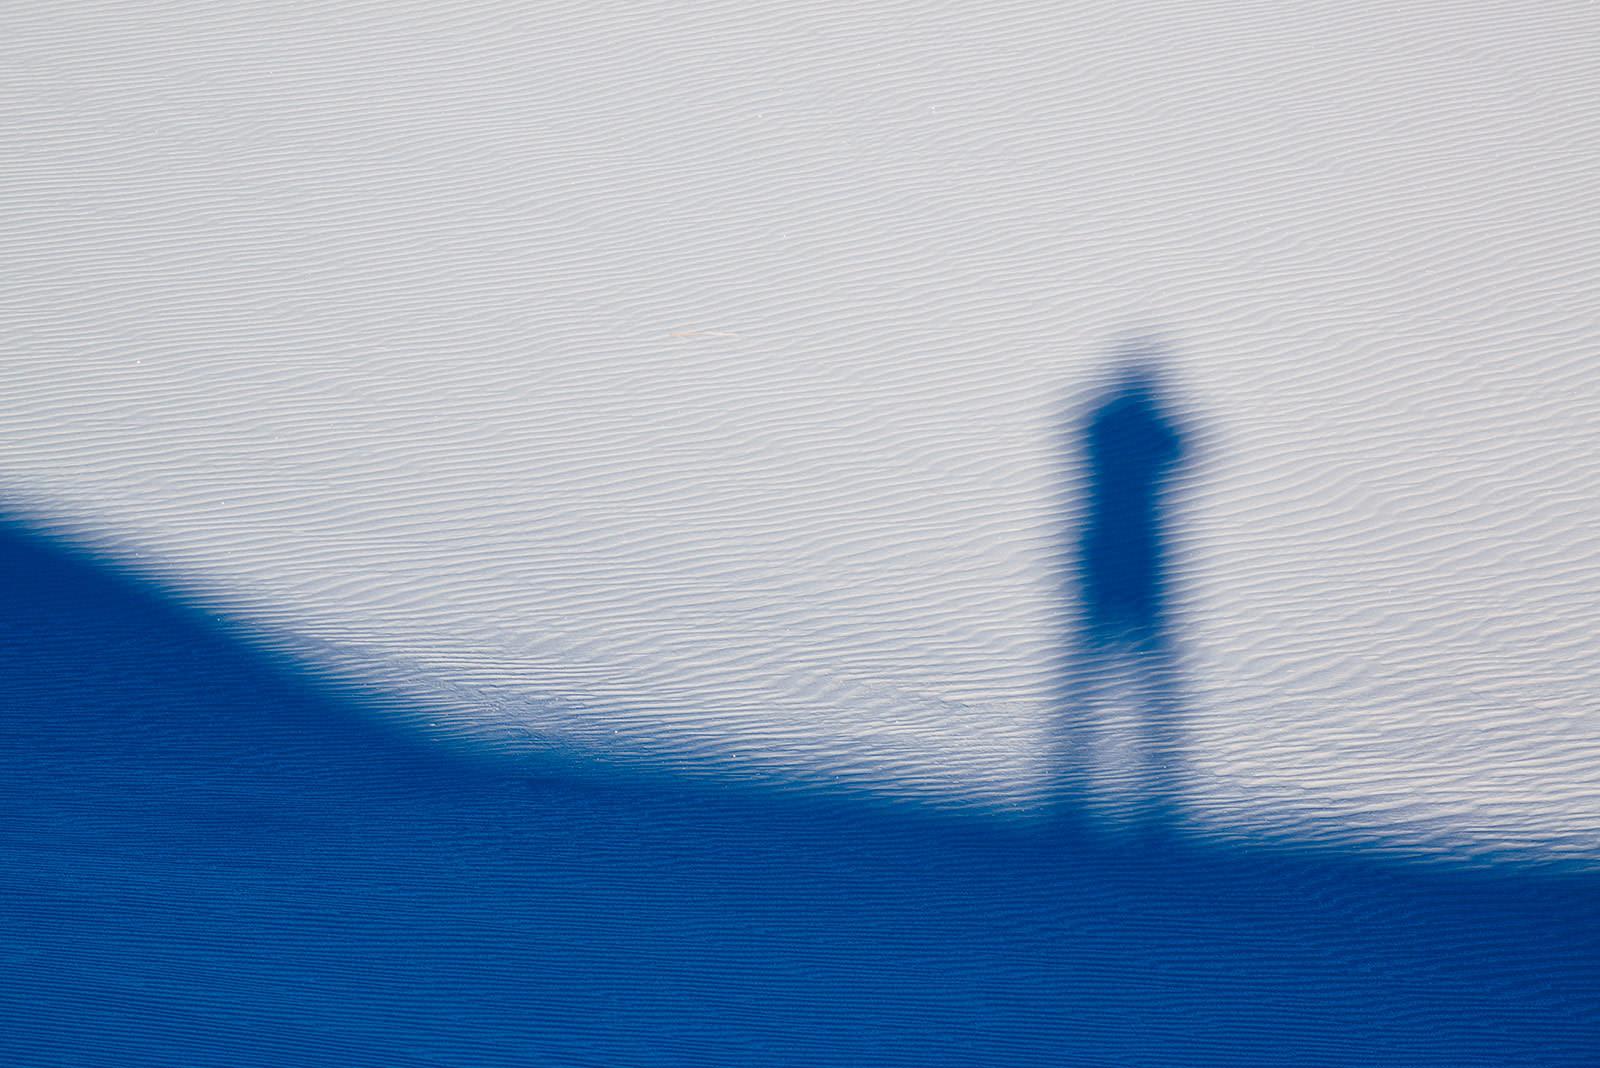 shunluoifong-still-white-sands-02.jpg